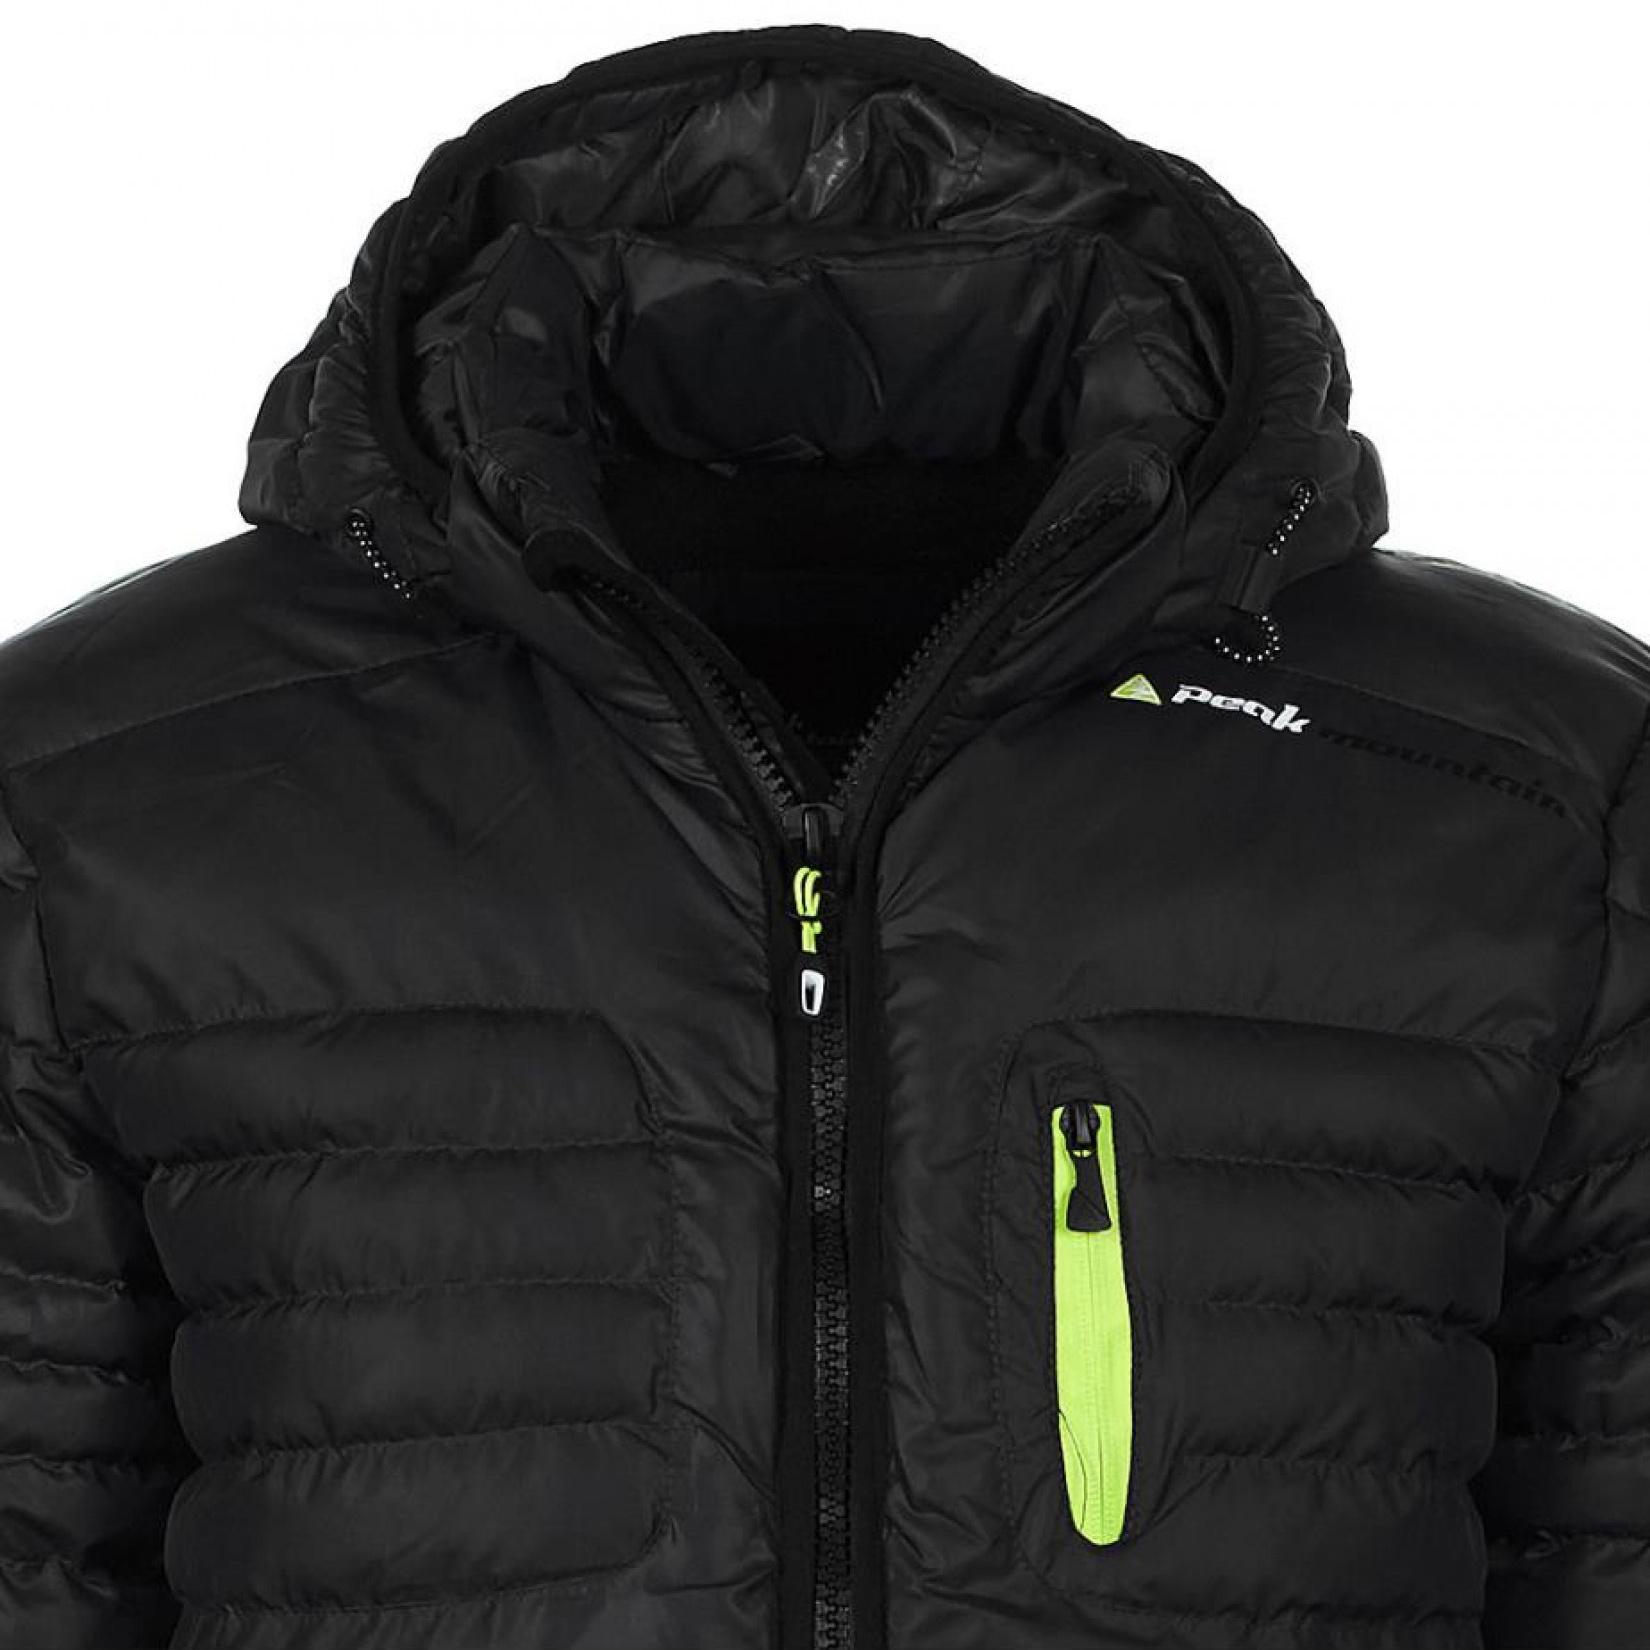 doudoune de ski homme capt couleur noir peak mountain. Black Bedroom Furniture Sets. Home Design Ideas